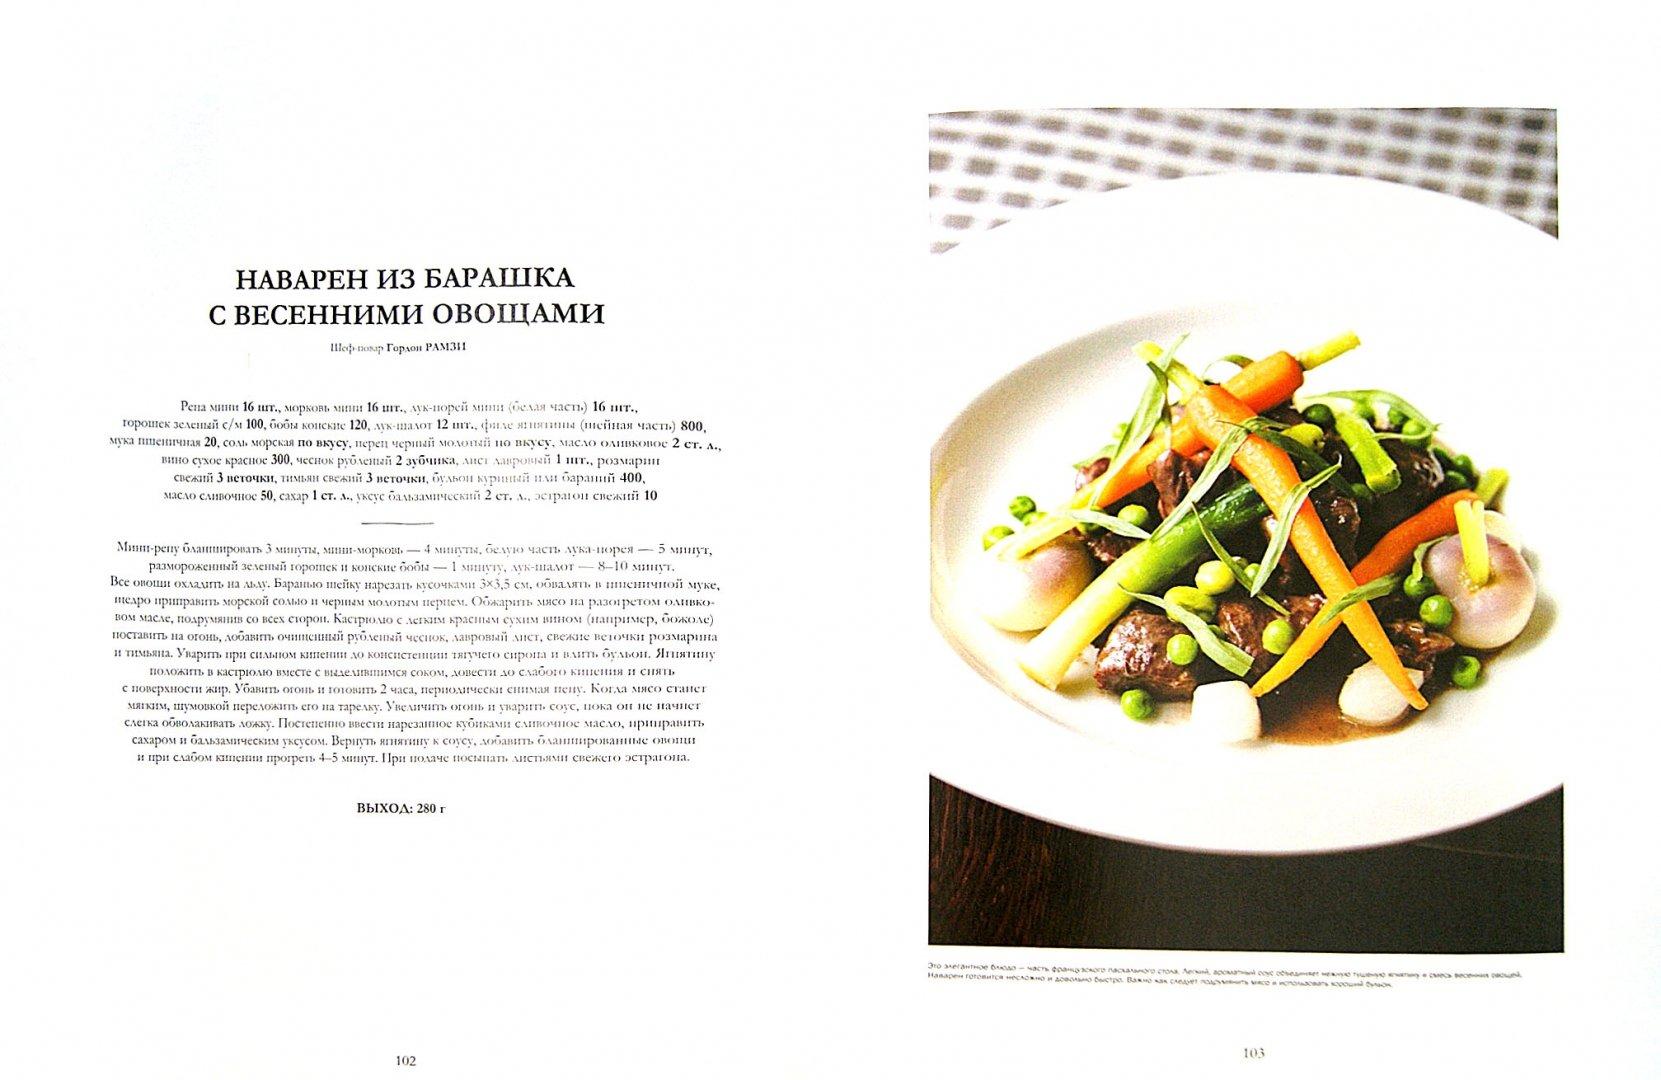 Иллюстрация 1 из 11 для Мясо. Галерея современного кулинарного искусства | Лабиринт - книги. Источник: Лабиринт